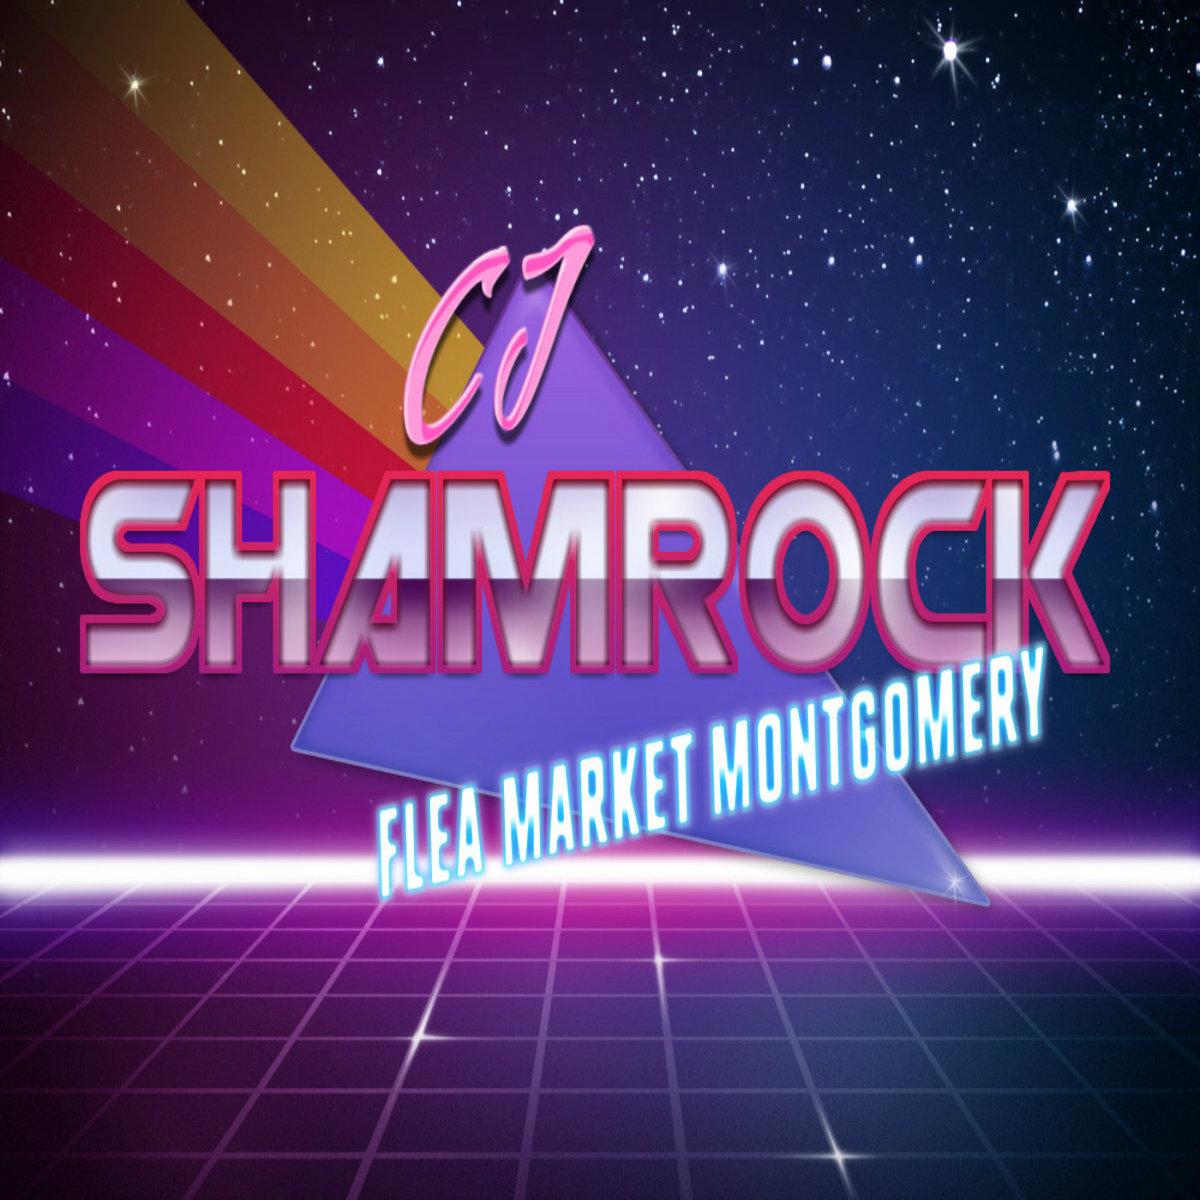 flea market montgomery spooky mix cj shamrock